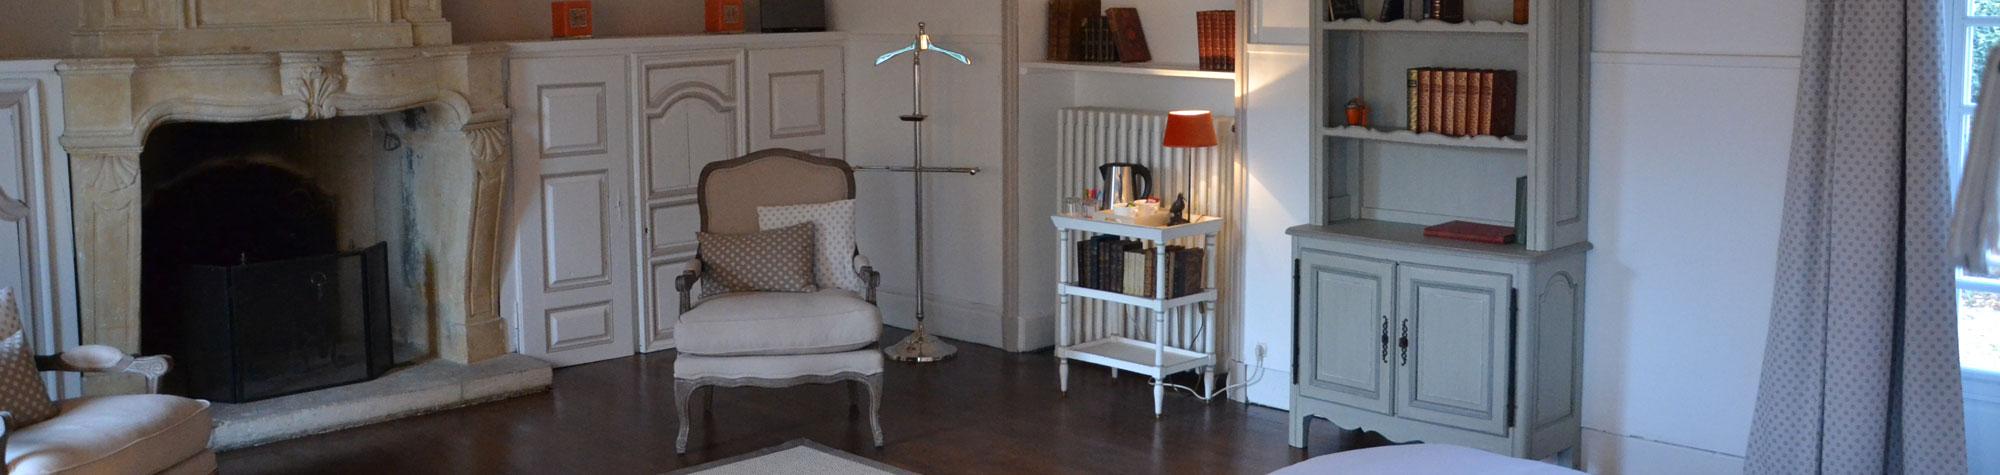 Nos Chambres d'Hôtes en région parisienne